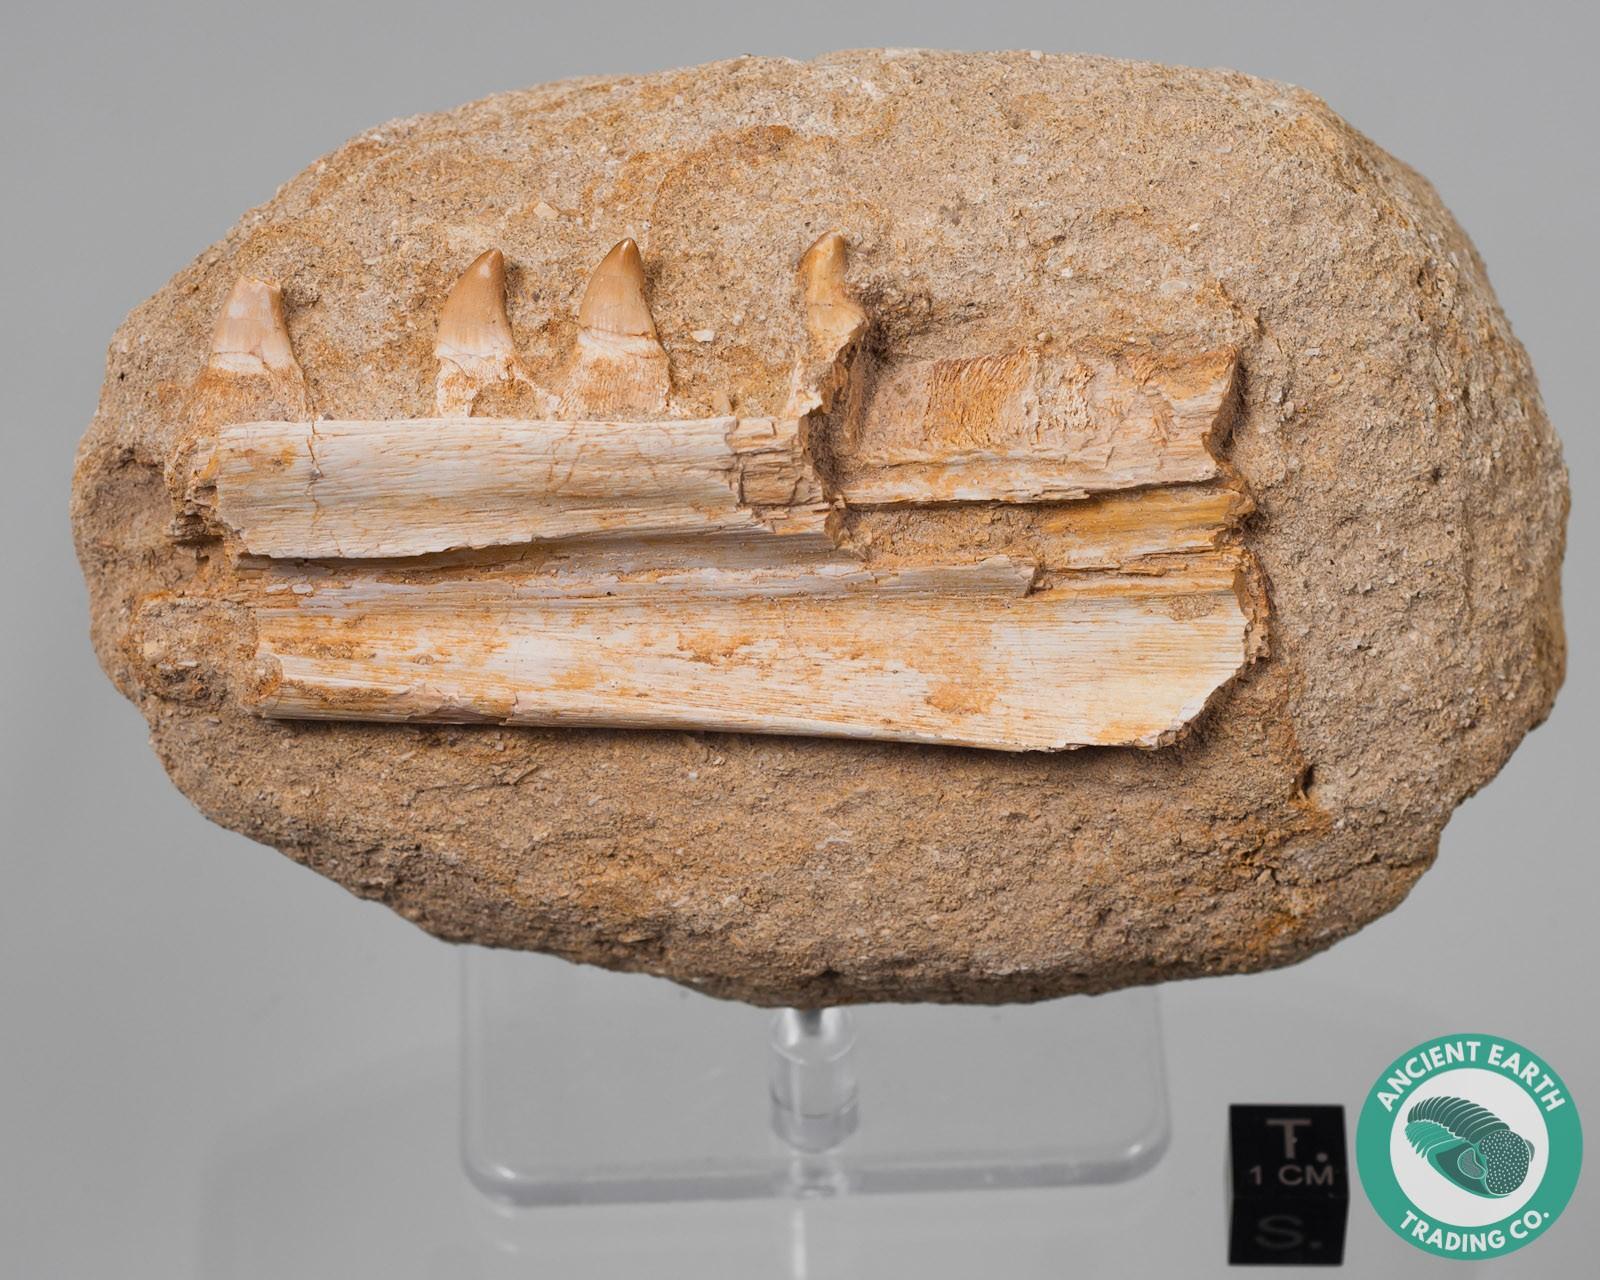 Halisaurus Mosasaur Jaw with 4 Teeth